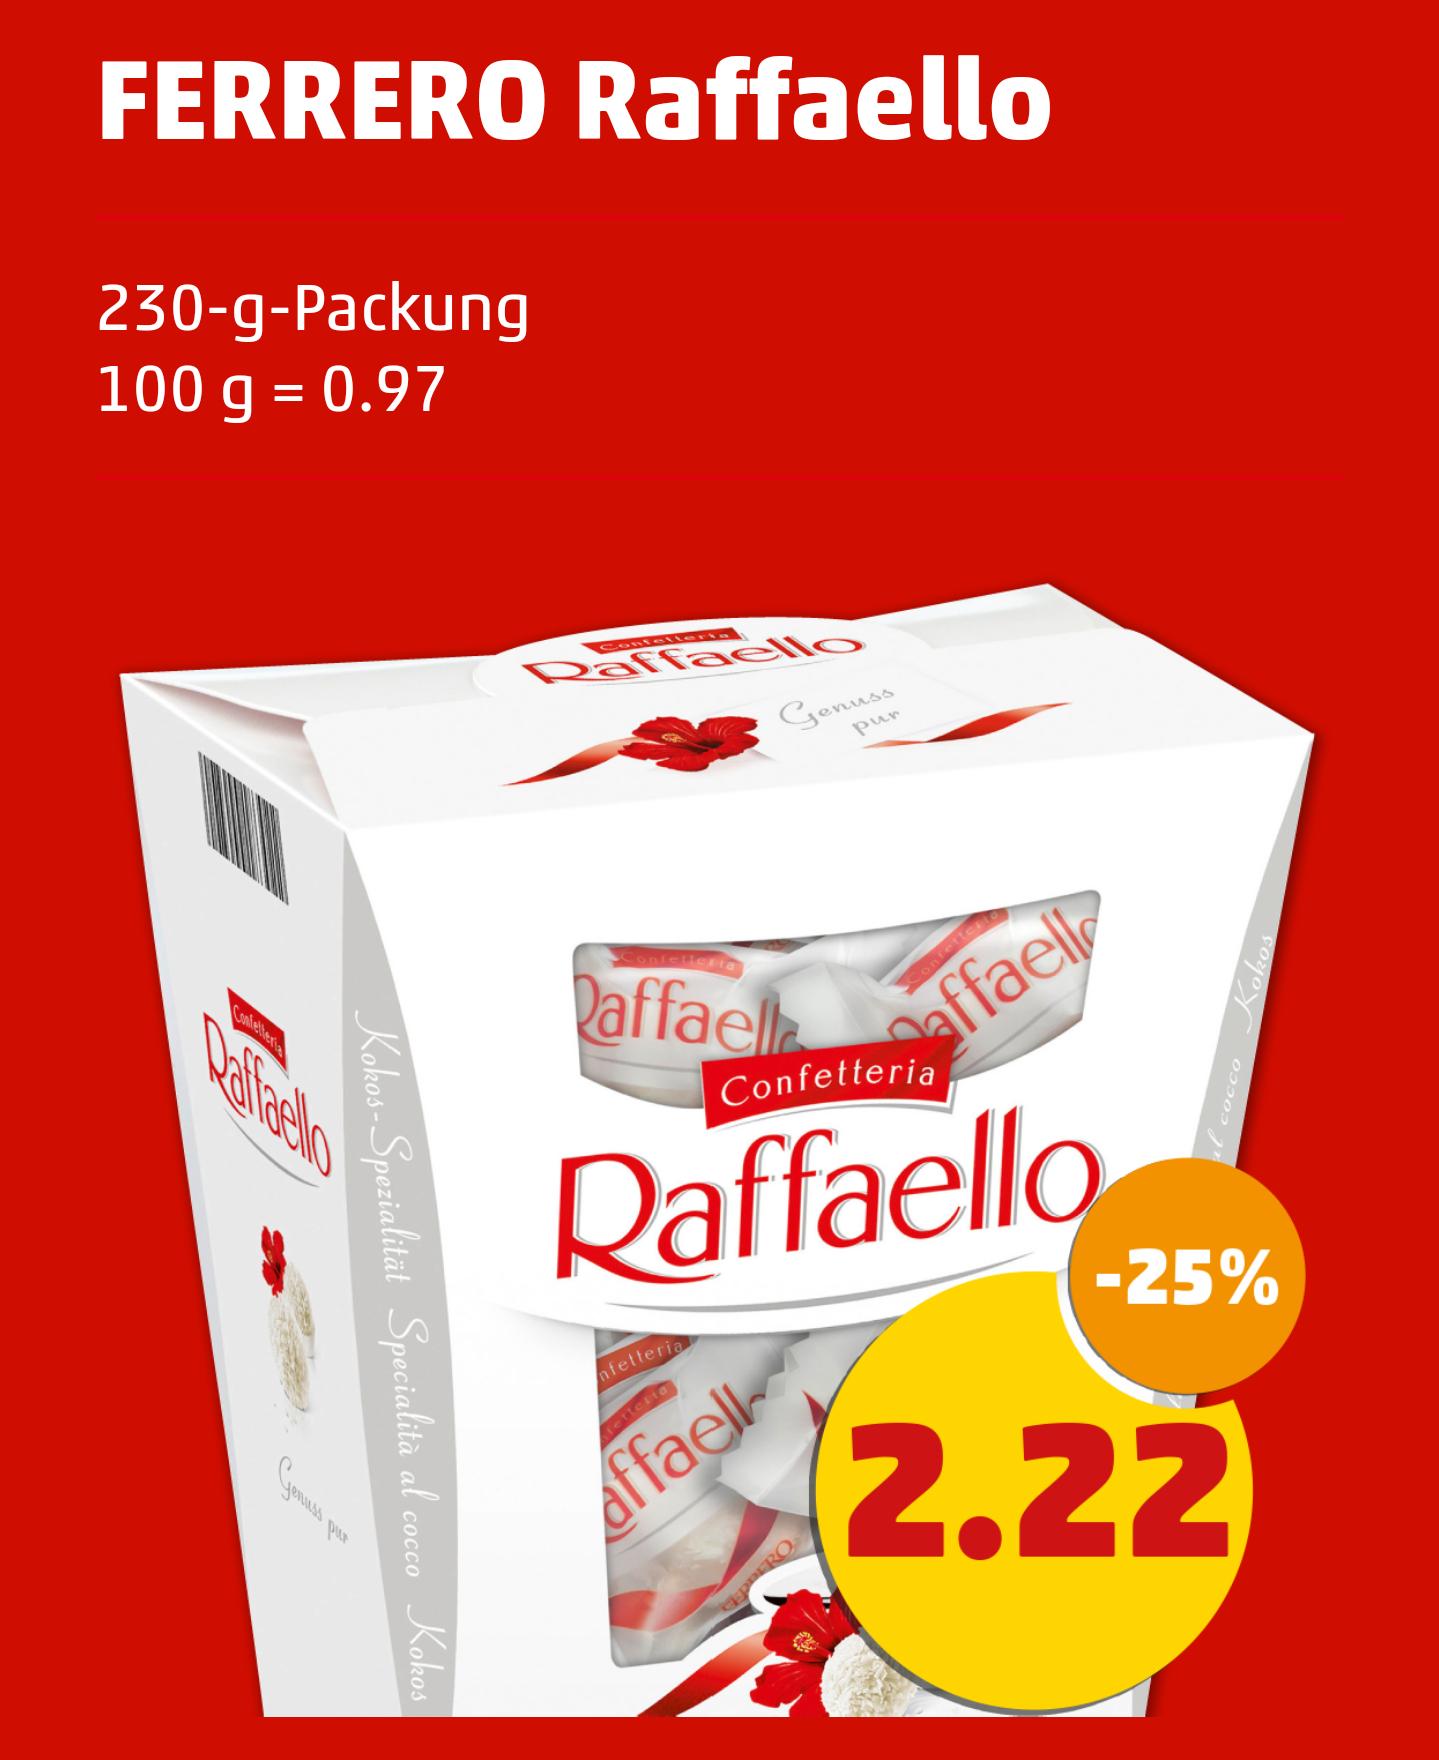 [Rewe + Penny] Raffaello in der großen 230g Packung für 2,22€ (diese Woche bis Sa. 24.12.)